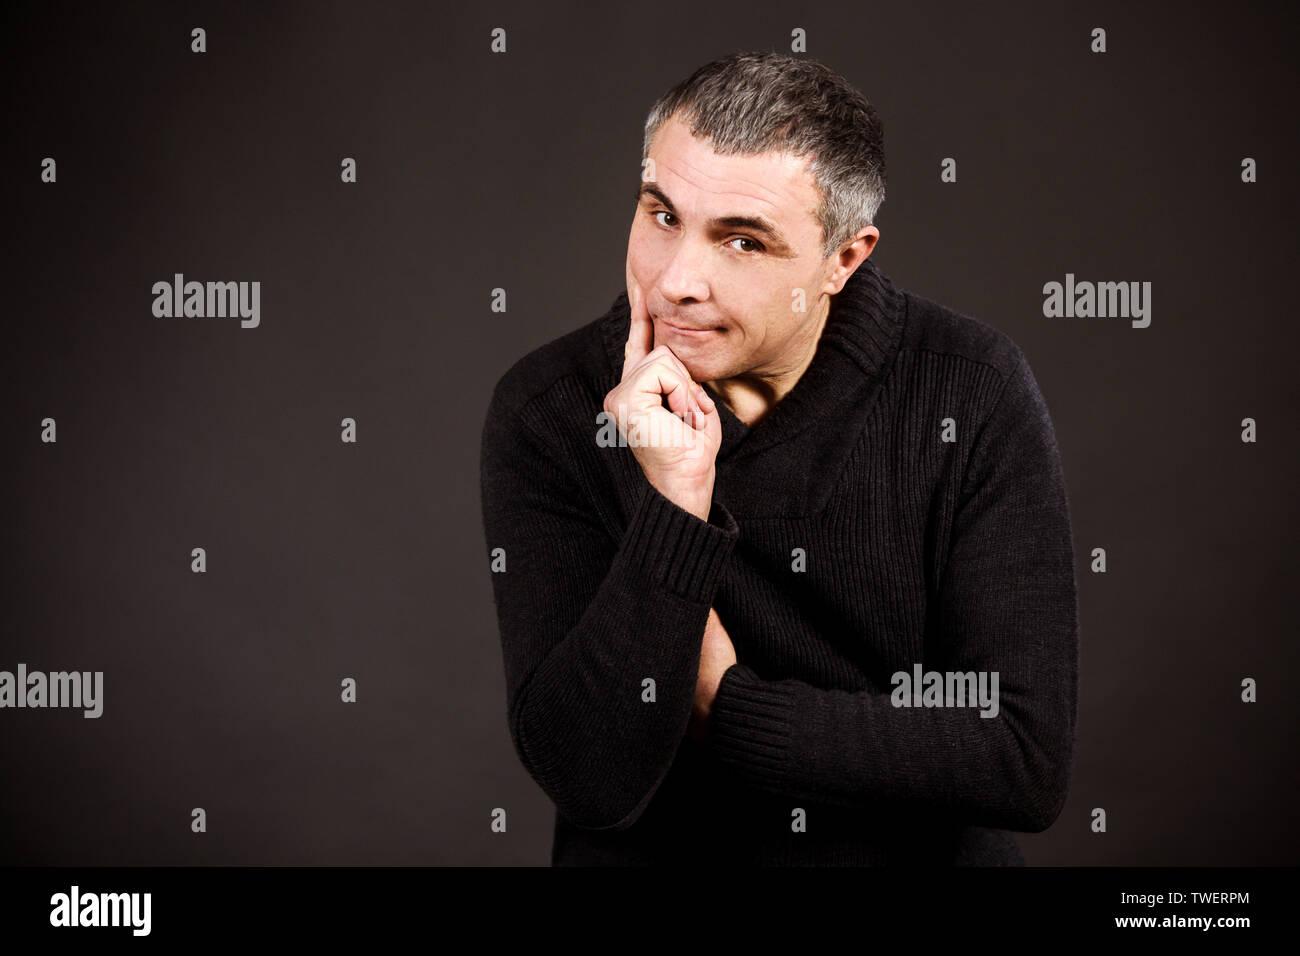 Ein Mann in einem dunklen pullover auf schwarzem Hintergrund. Emotionaler Mensch sich verärgert, er dachte und machte eine wichtige Entscheidung. Stockbild